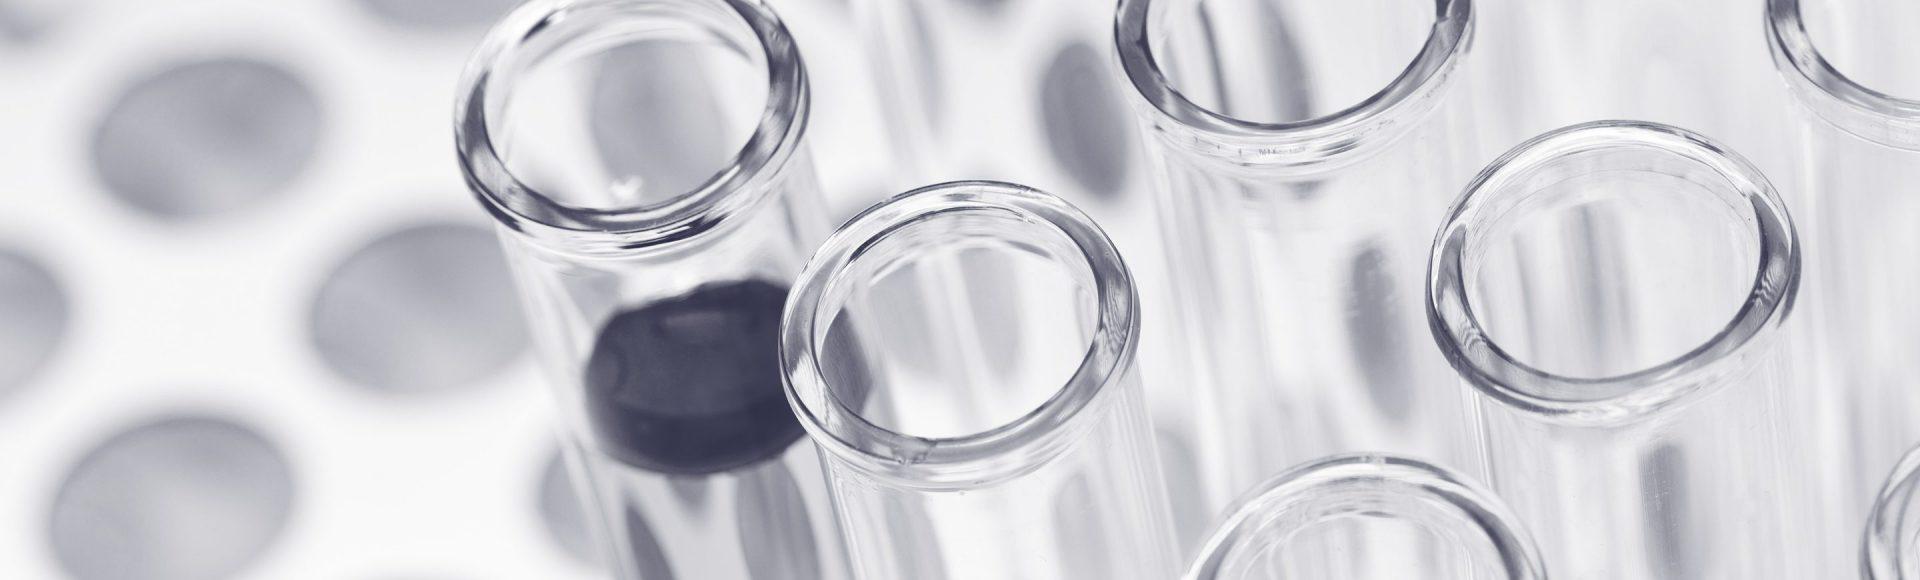 ARK-Invest_Blog-Banner_2014_05_27---Bioinformatics